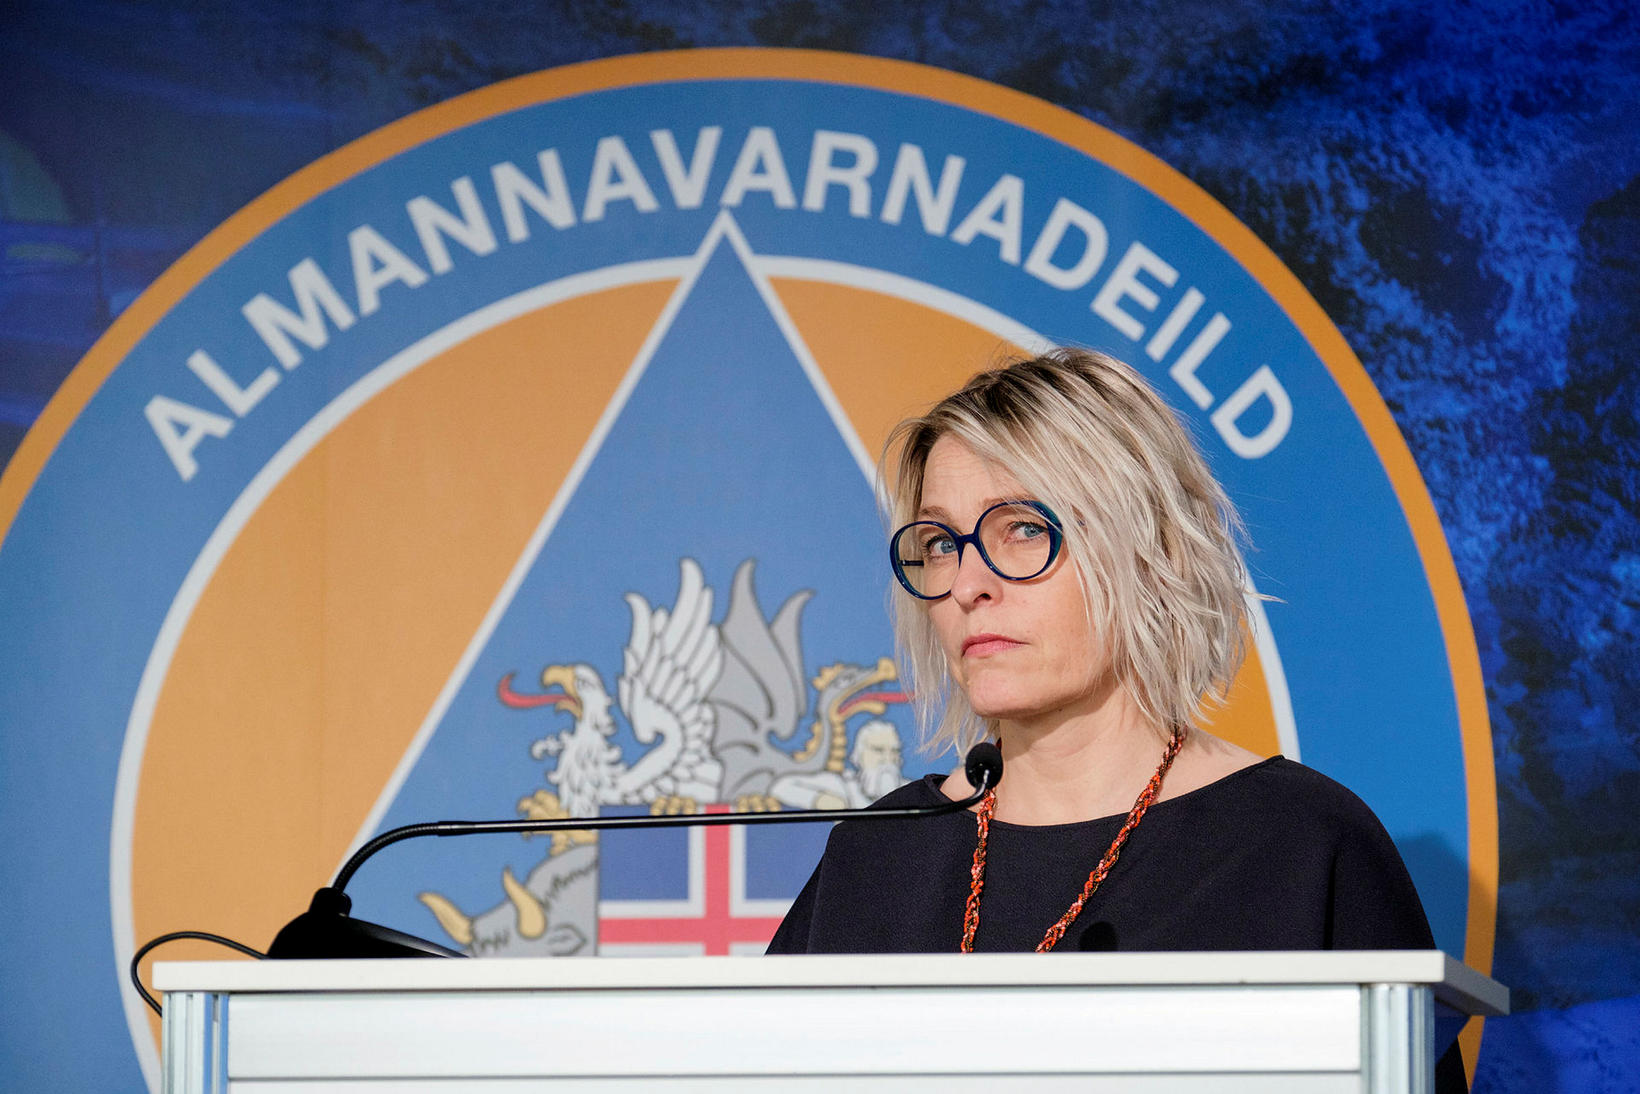 Kristín Jónsdóttir náttúruvársérfræðingur.